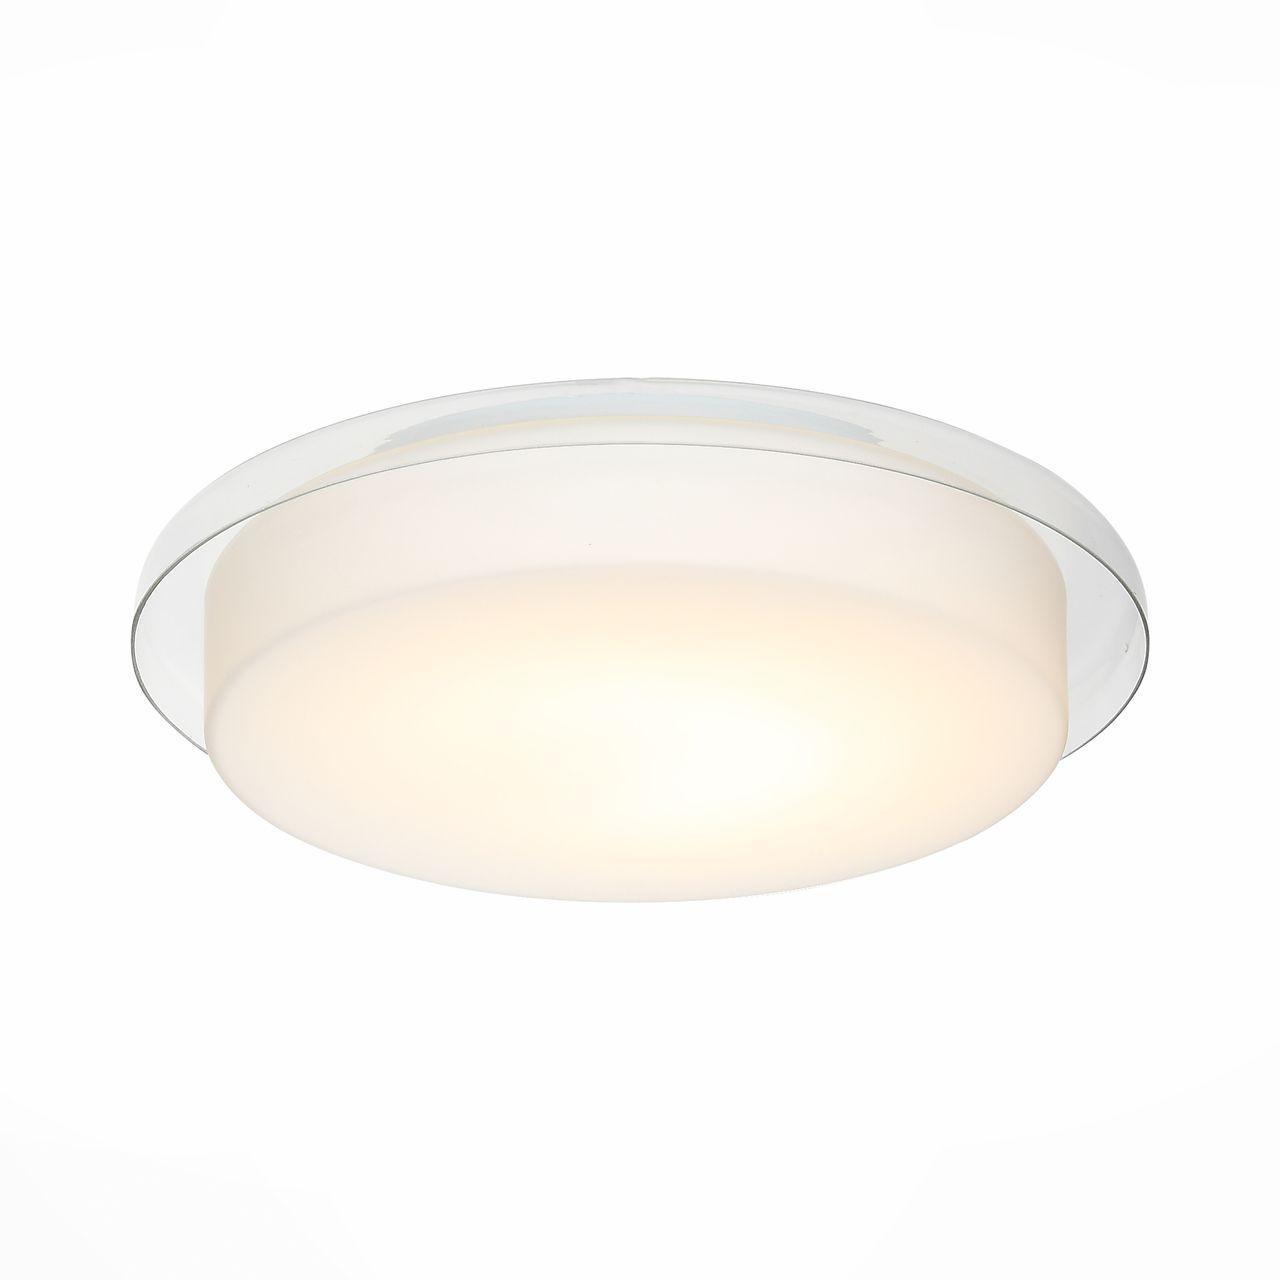 Фото - Потолочный светодиодный светильник ST Luce Botone SL466.512.01 настенно потолочный светильник st luce botone sl467 502 01